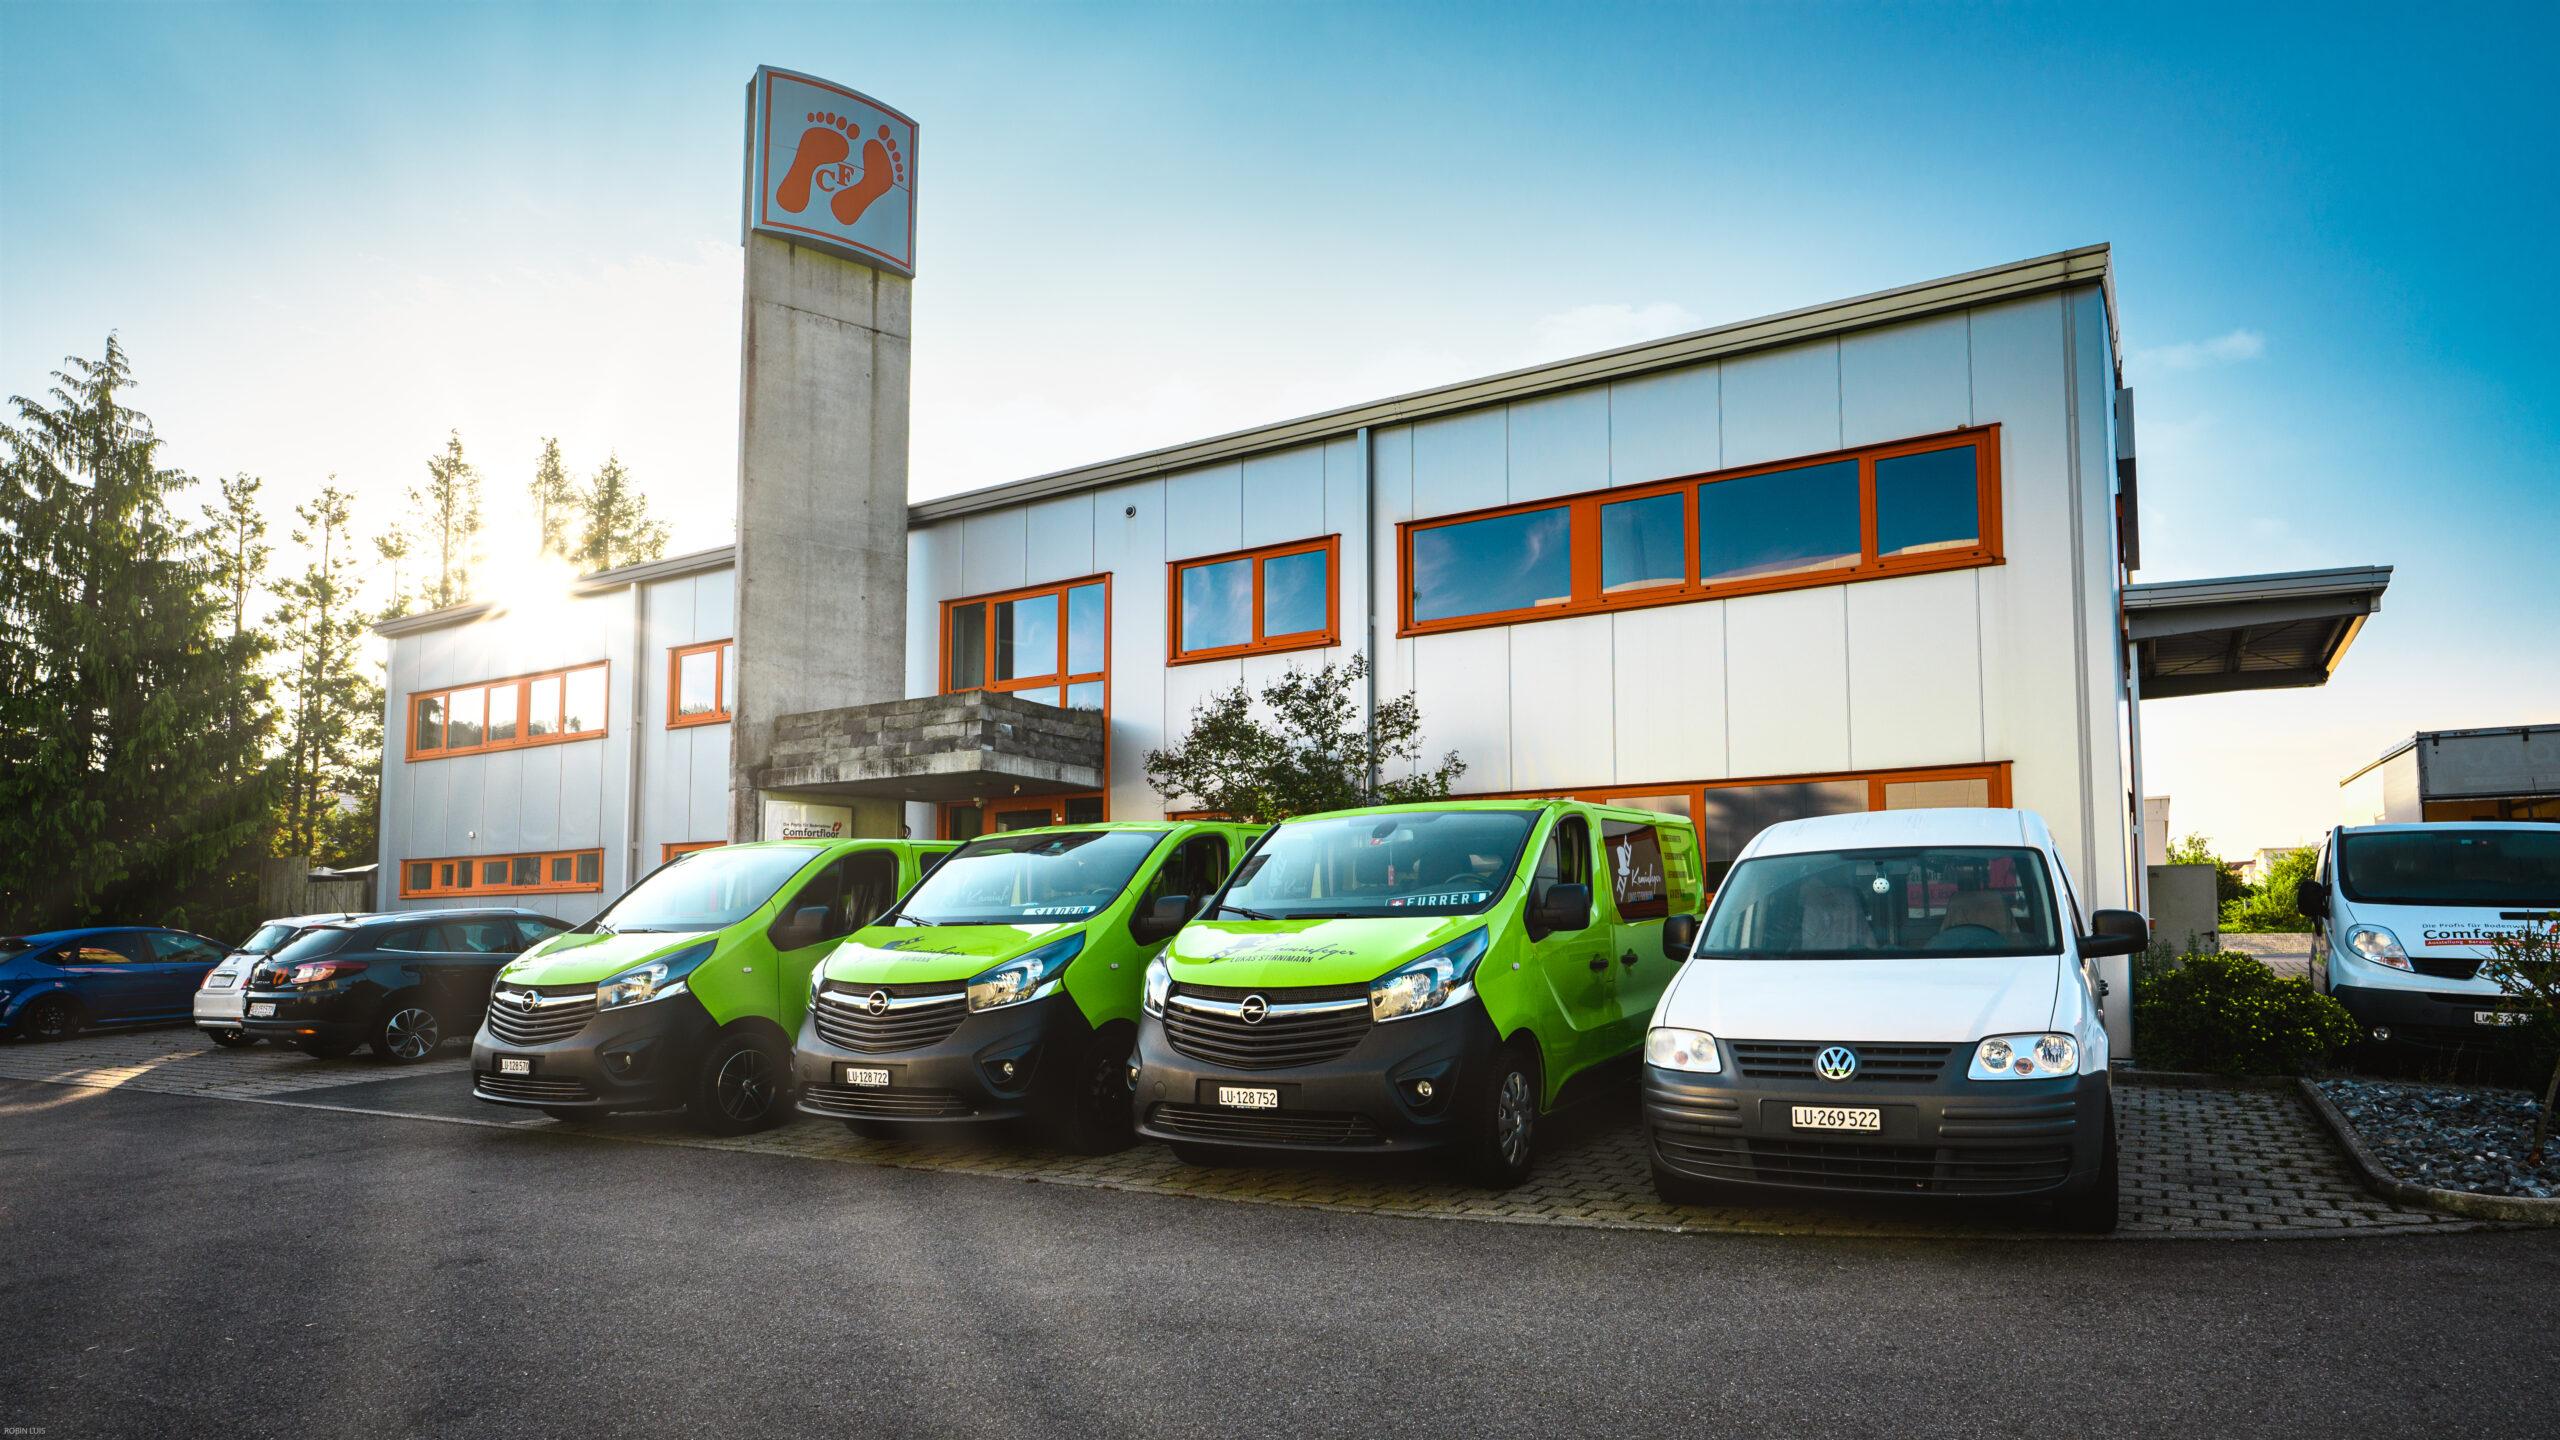 Firmenfahrzeuge vor Gebäude - Stirnimann Kaminfeger AG